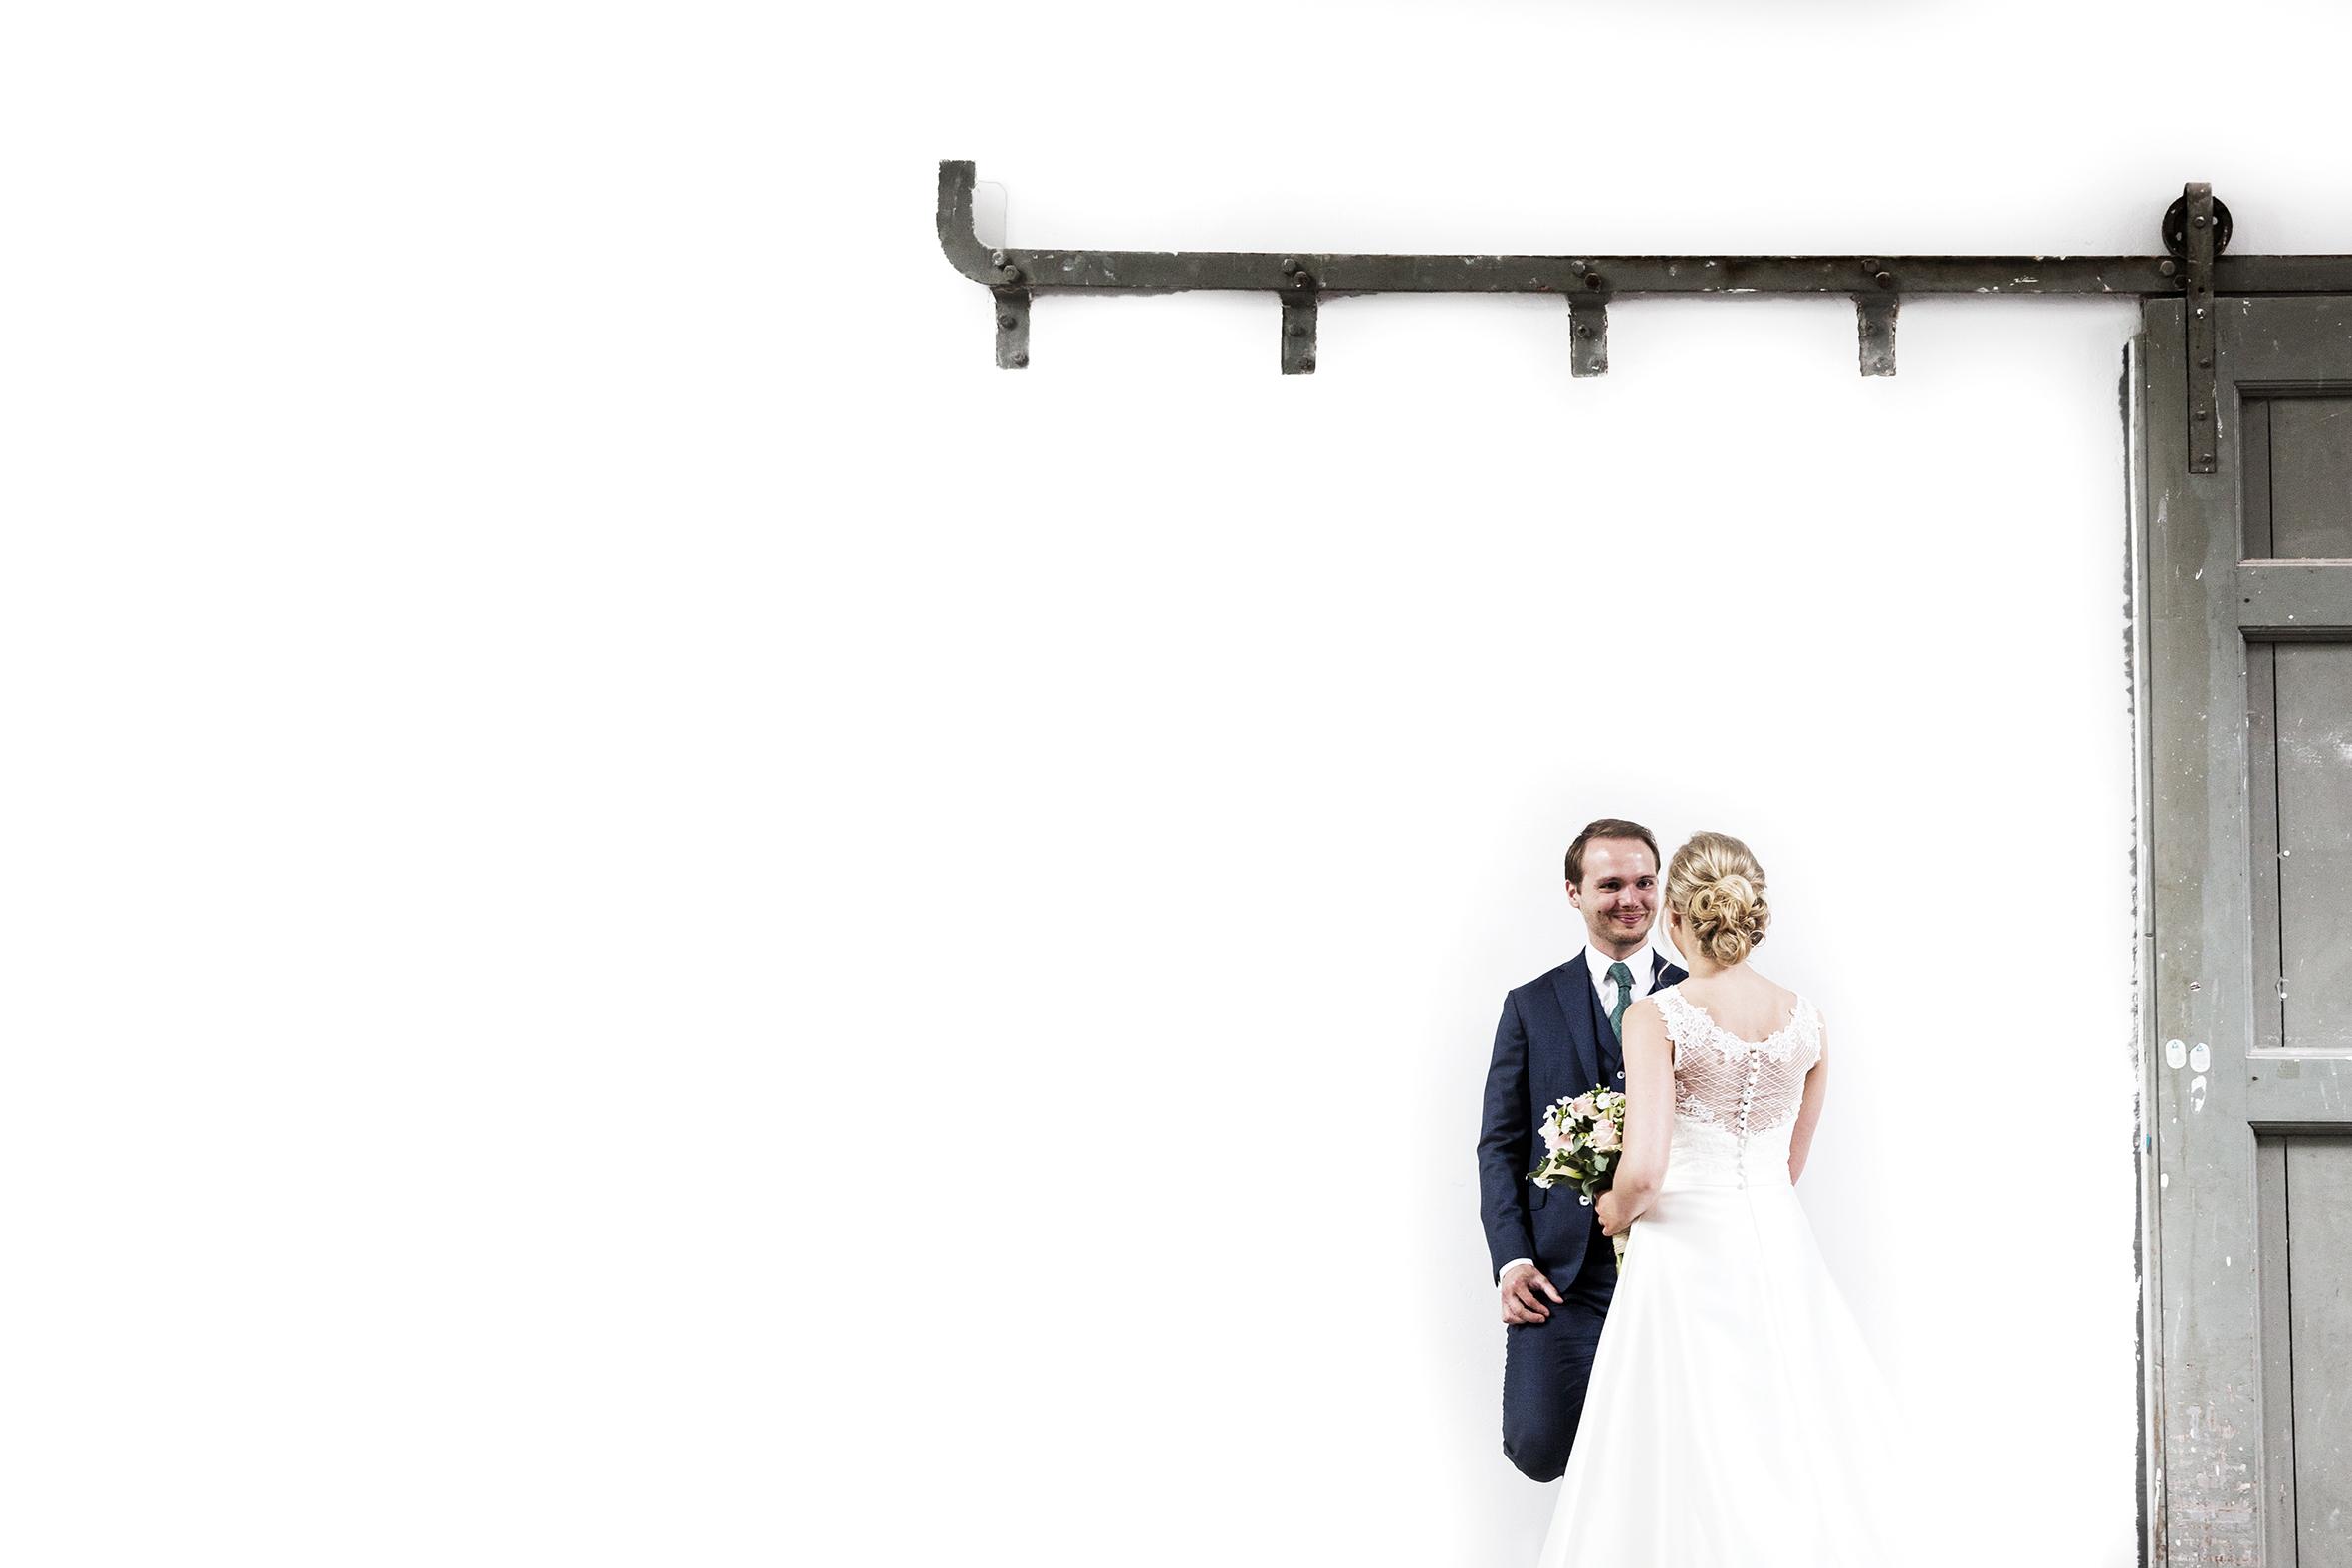 bruidsfotografie J&C LVF 04